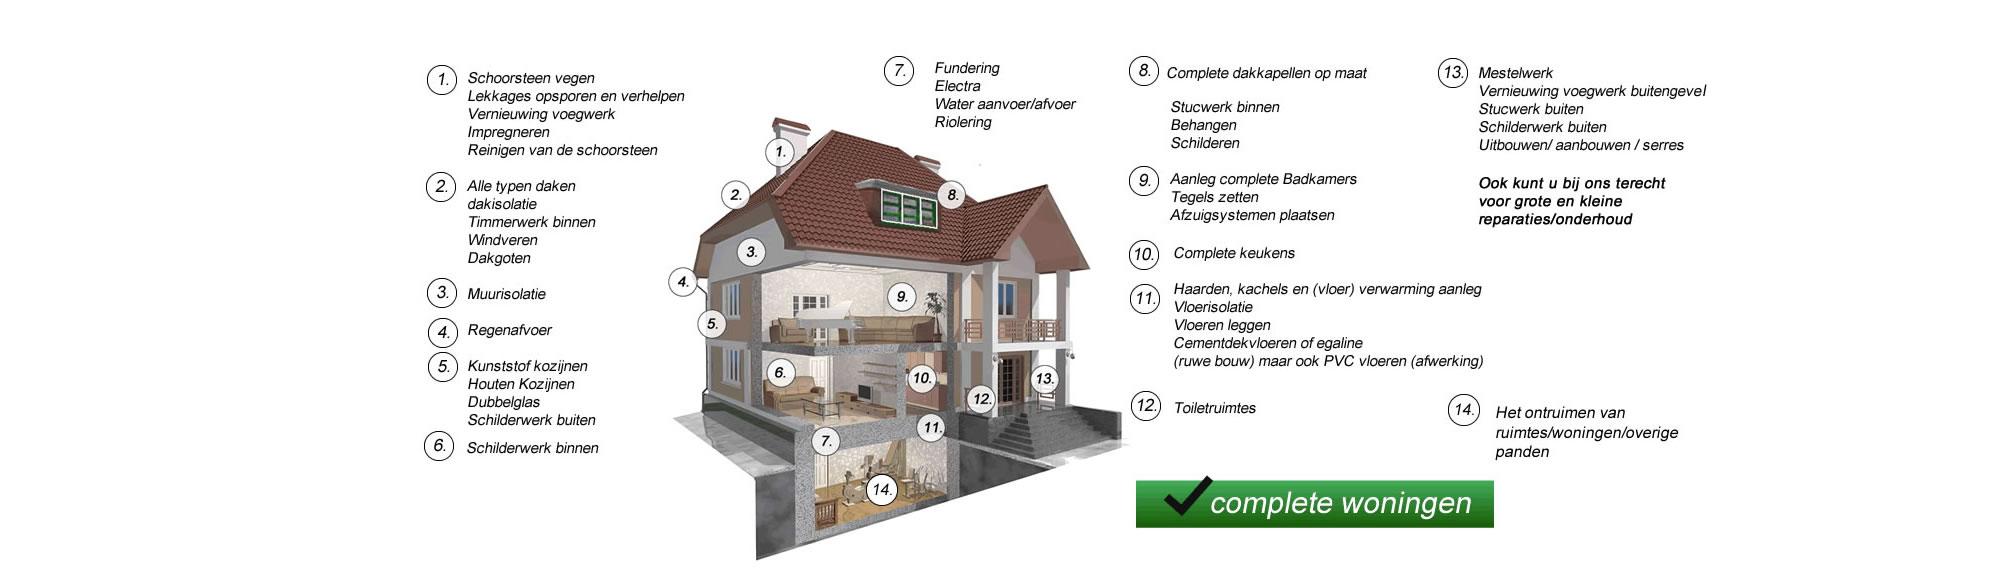 wilting-groep-bouwbedrijf-allround-aannemer-veendam-noorden-bouw-2018-2019-2